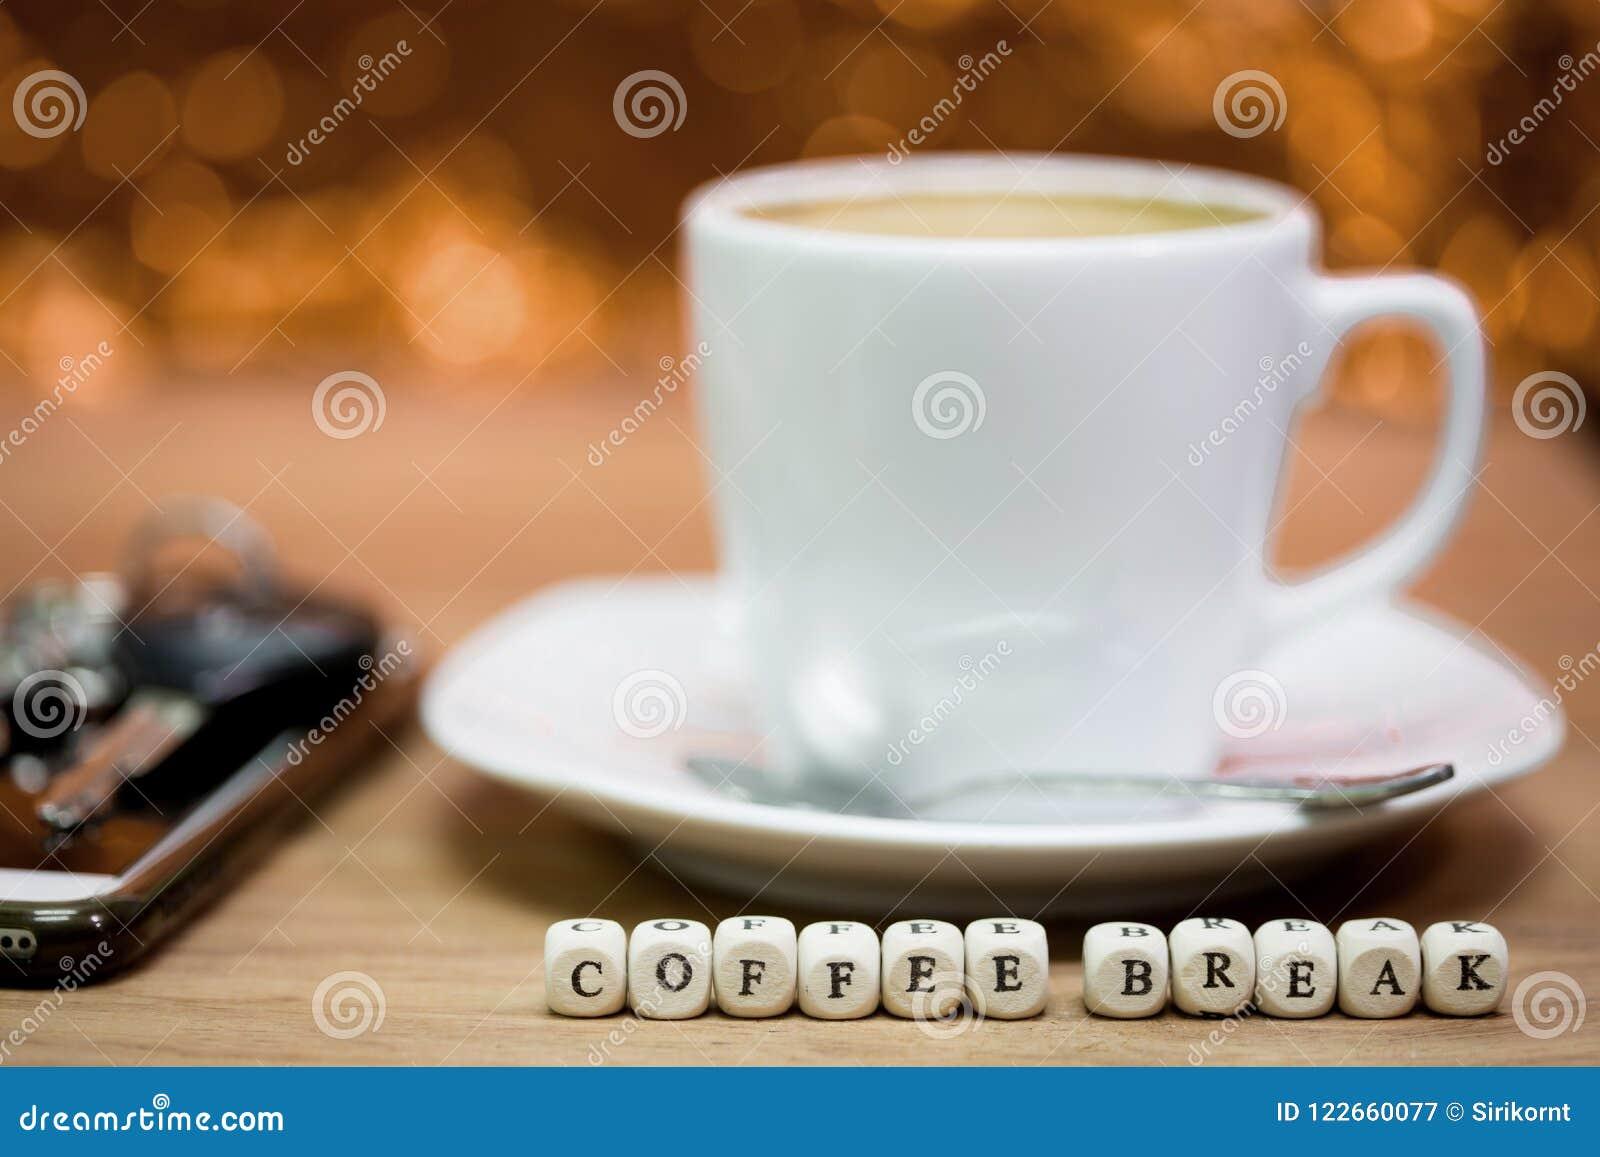 Periodi di caffè, pausa caffè